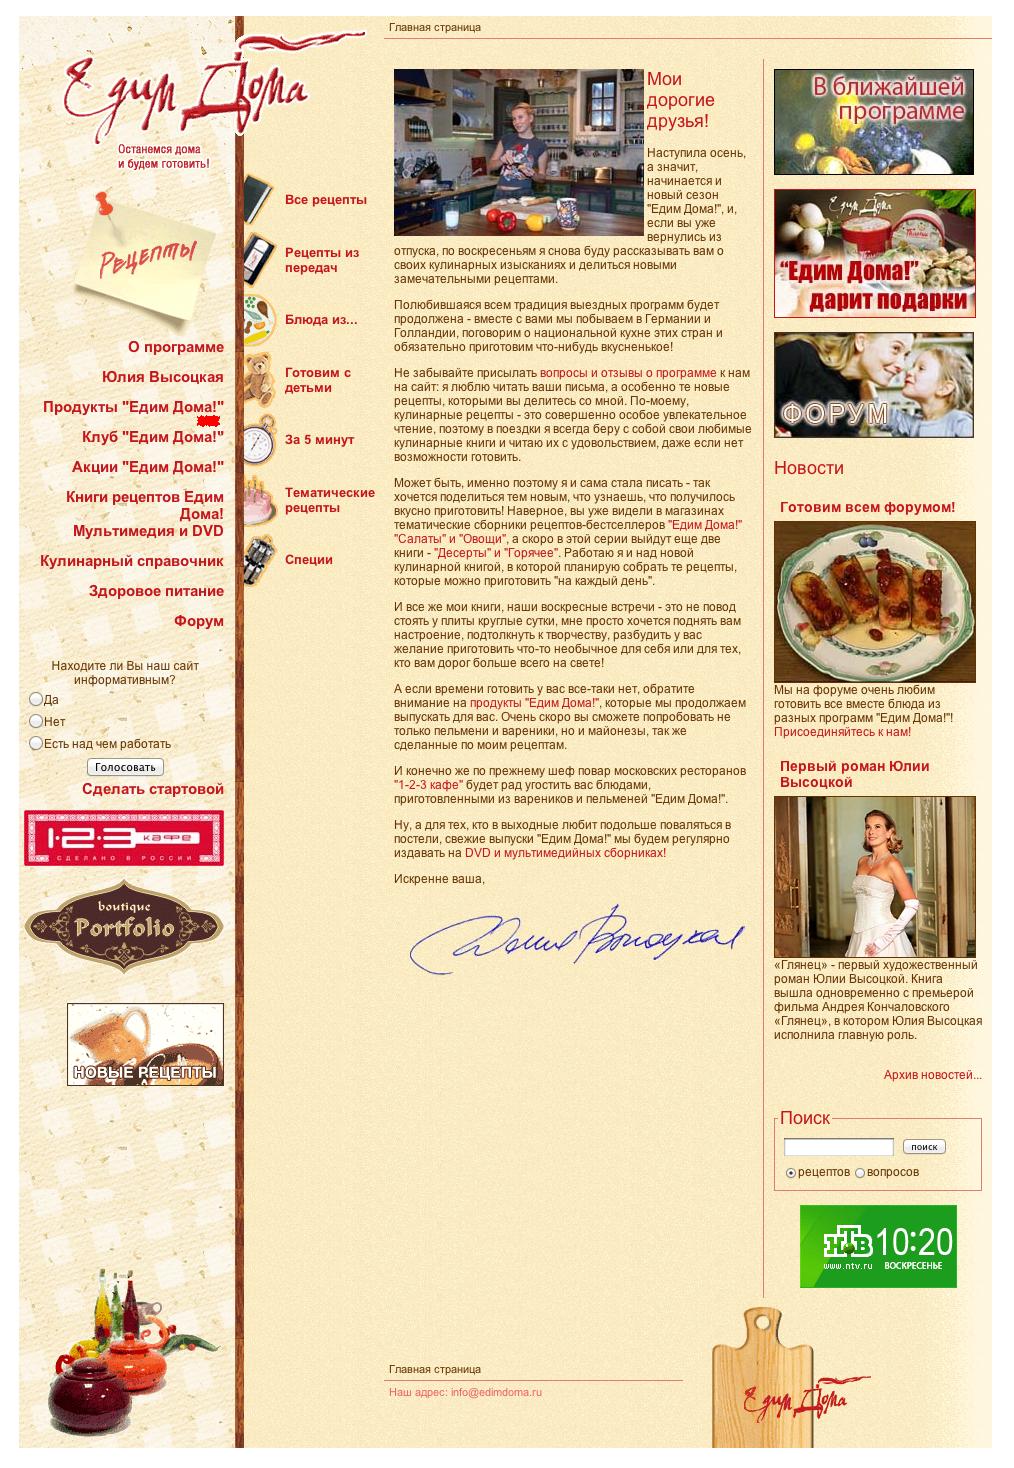 Рецепты в домашних условиях кушать